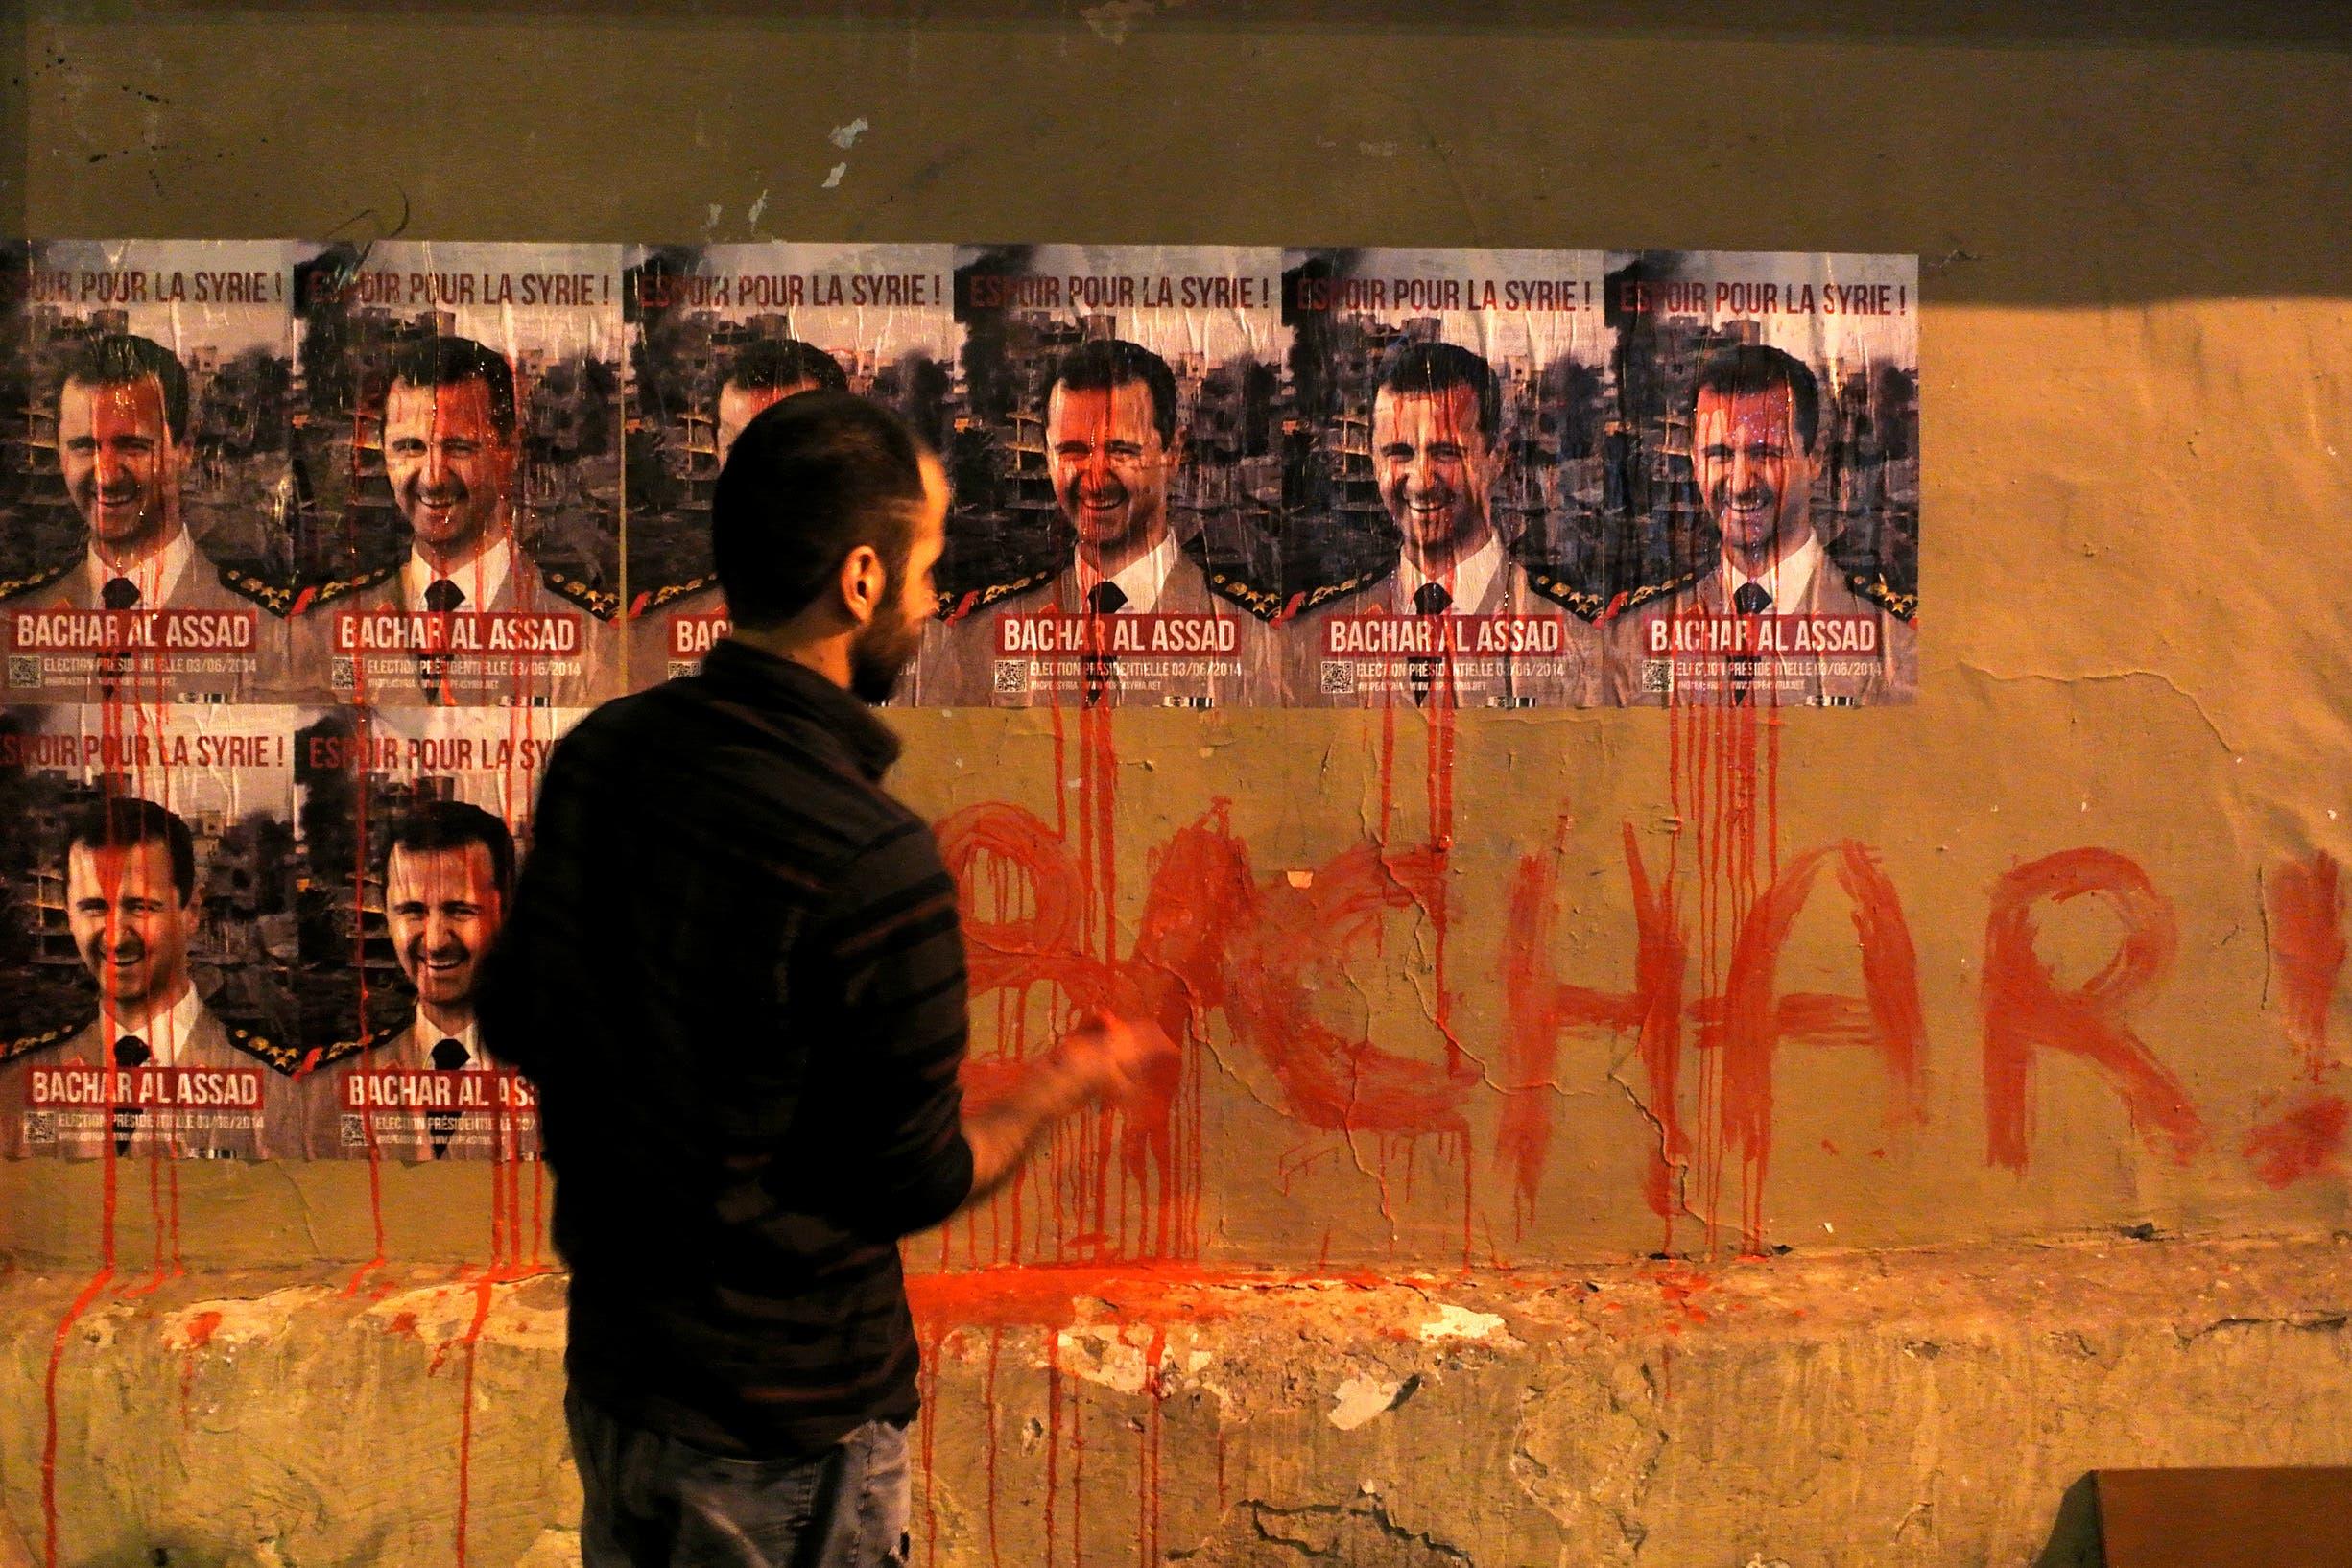 ملصقات على جدران باريس تسخر من بشار الأسد